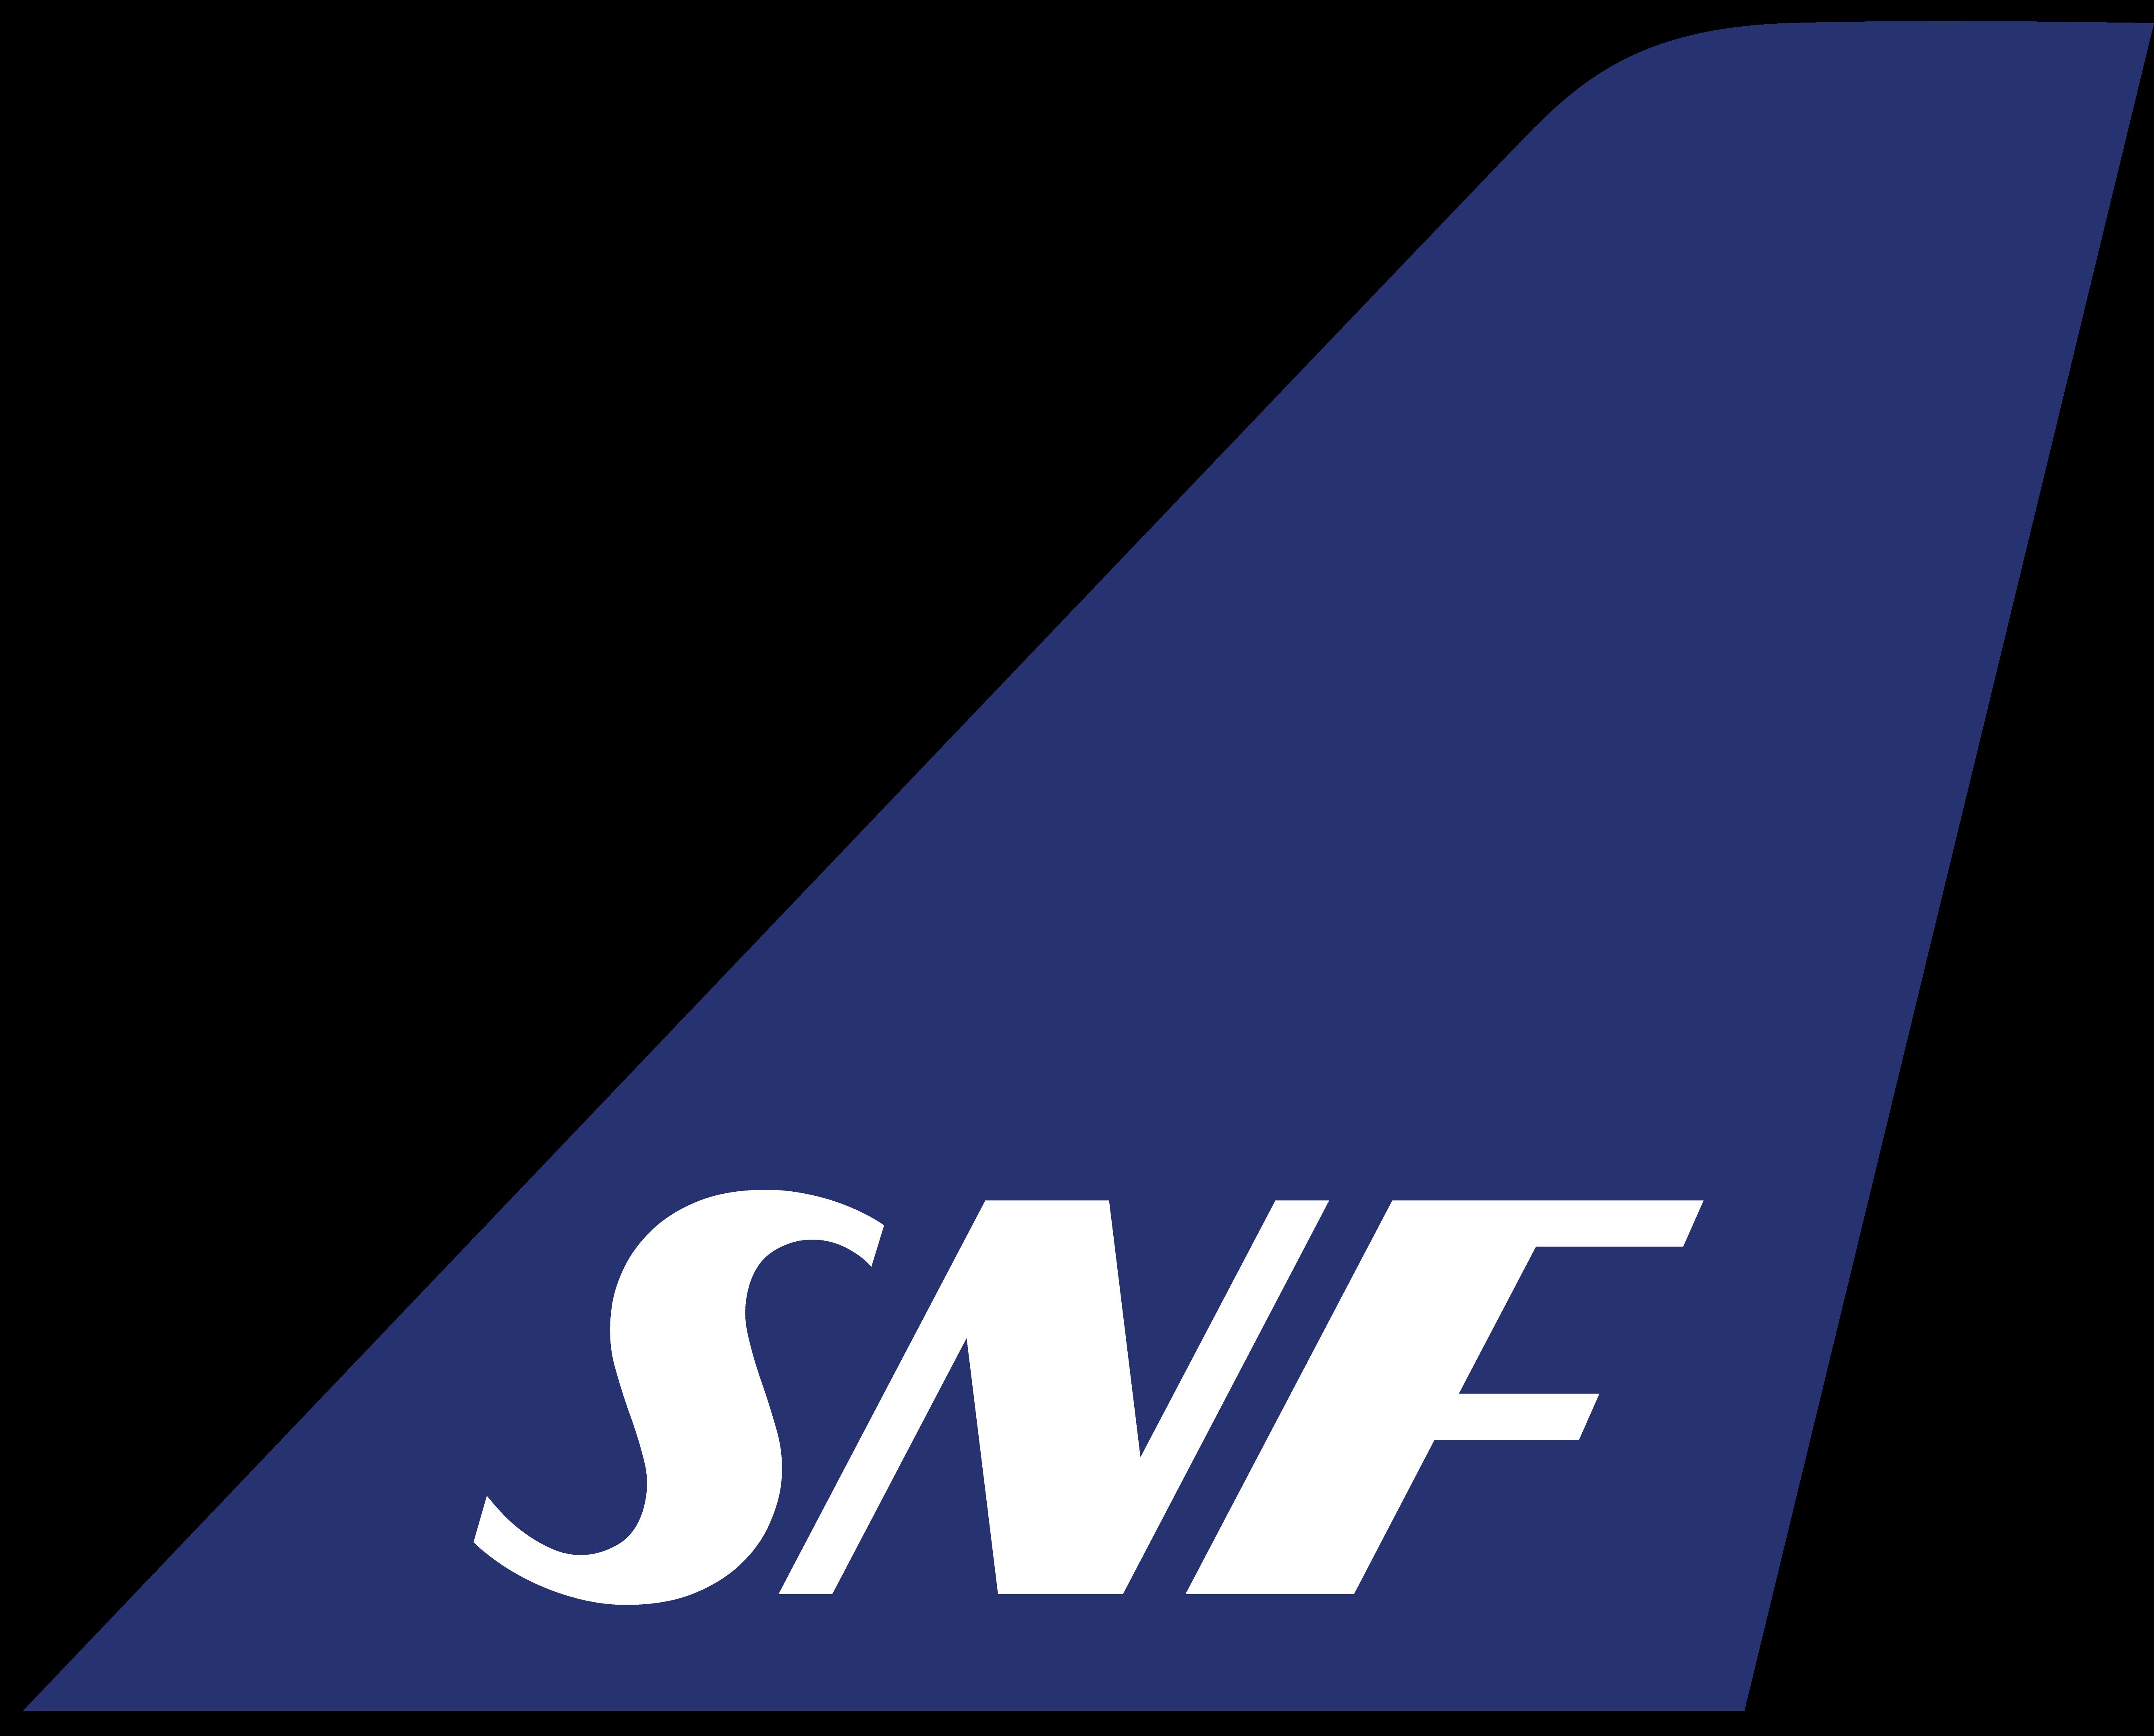 SAS Norge Flygerforening